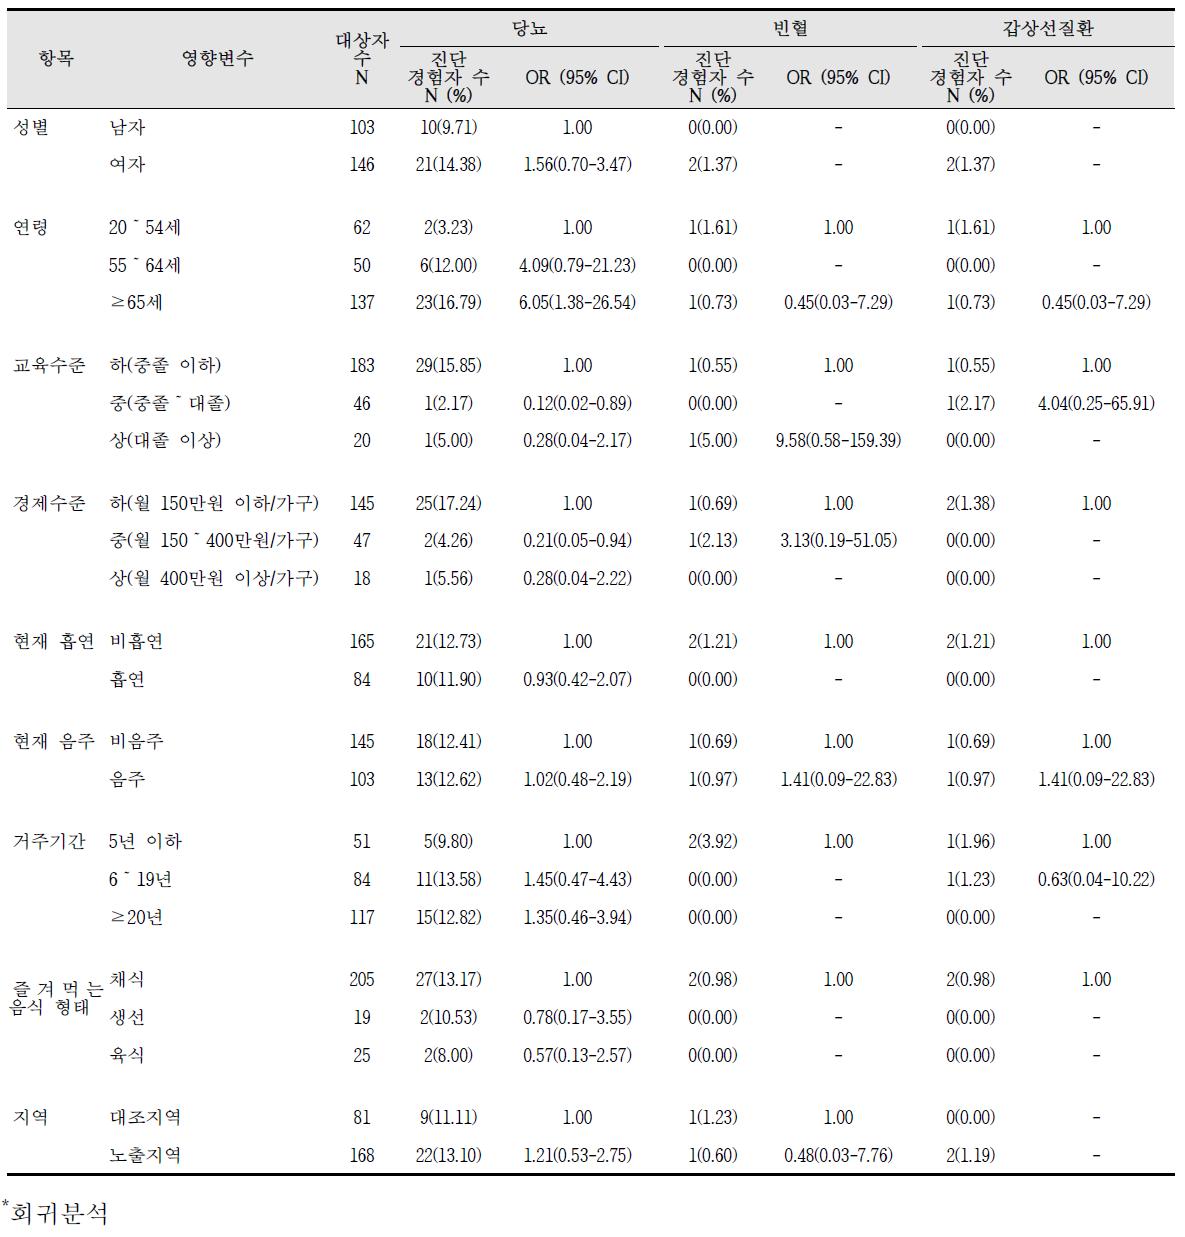 대산산업단지 만성질환 진단의 영향요인 분석 결과(2)